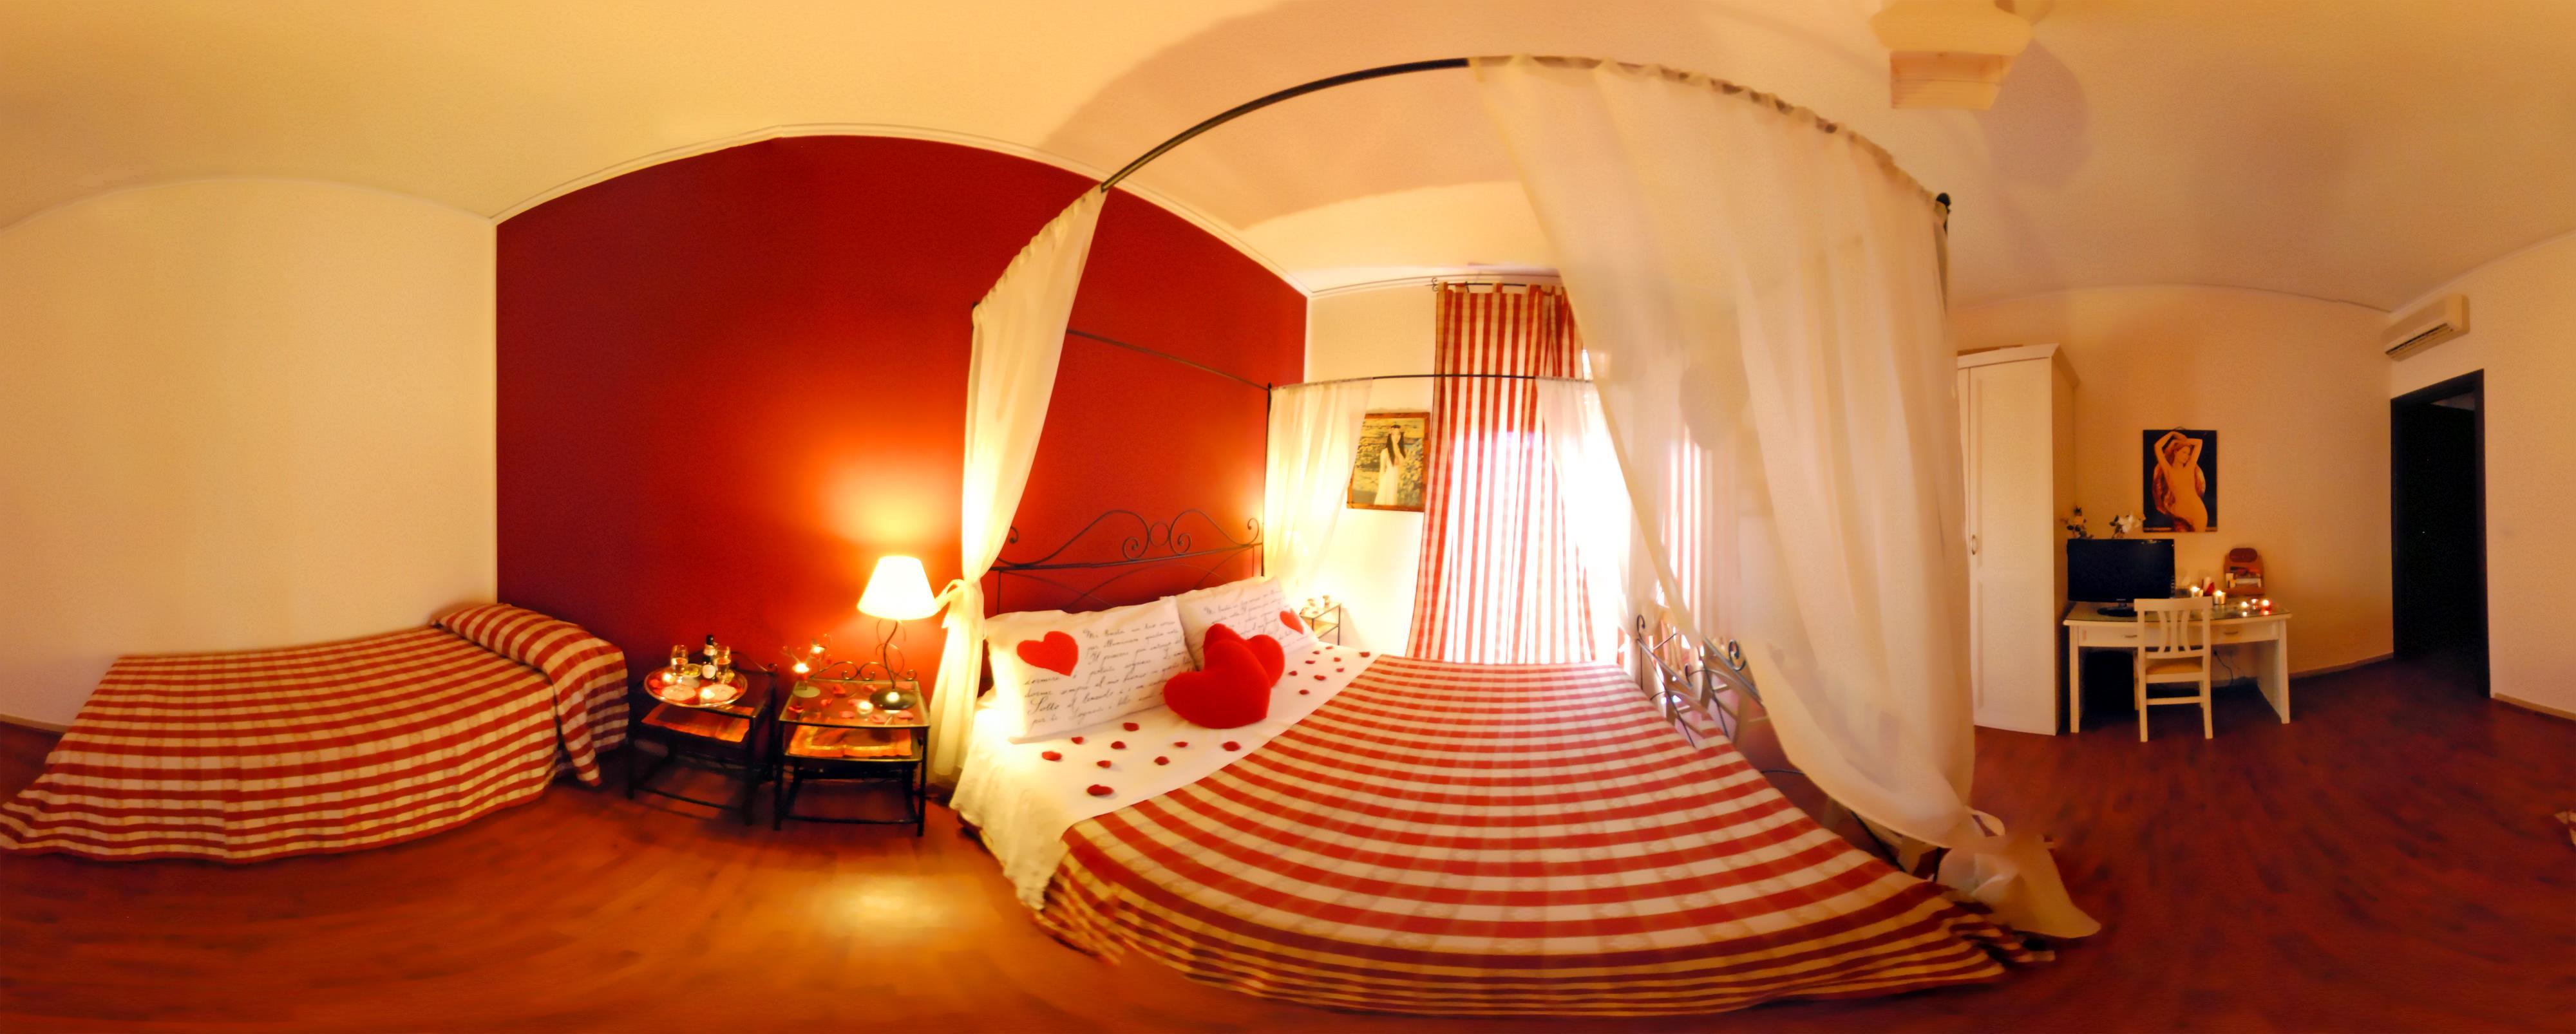 Offerta camera romantica coppie letto baldacchino e cabina - Camera stile romantico ...